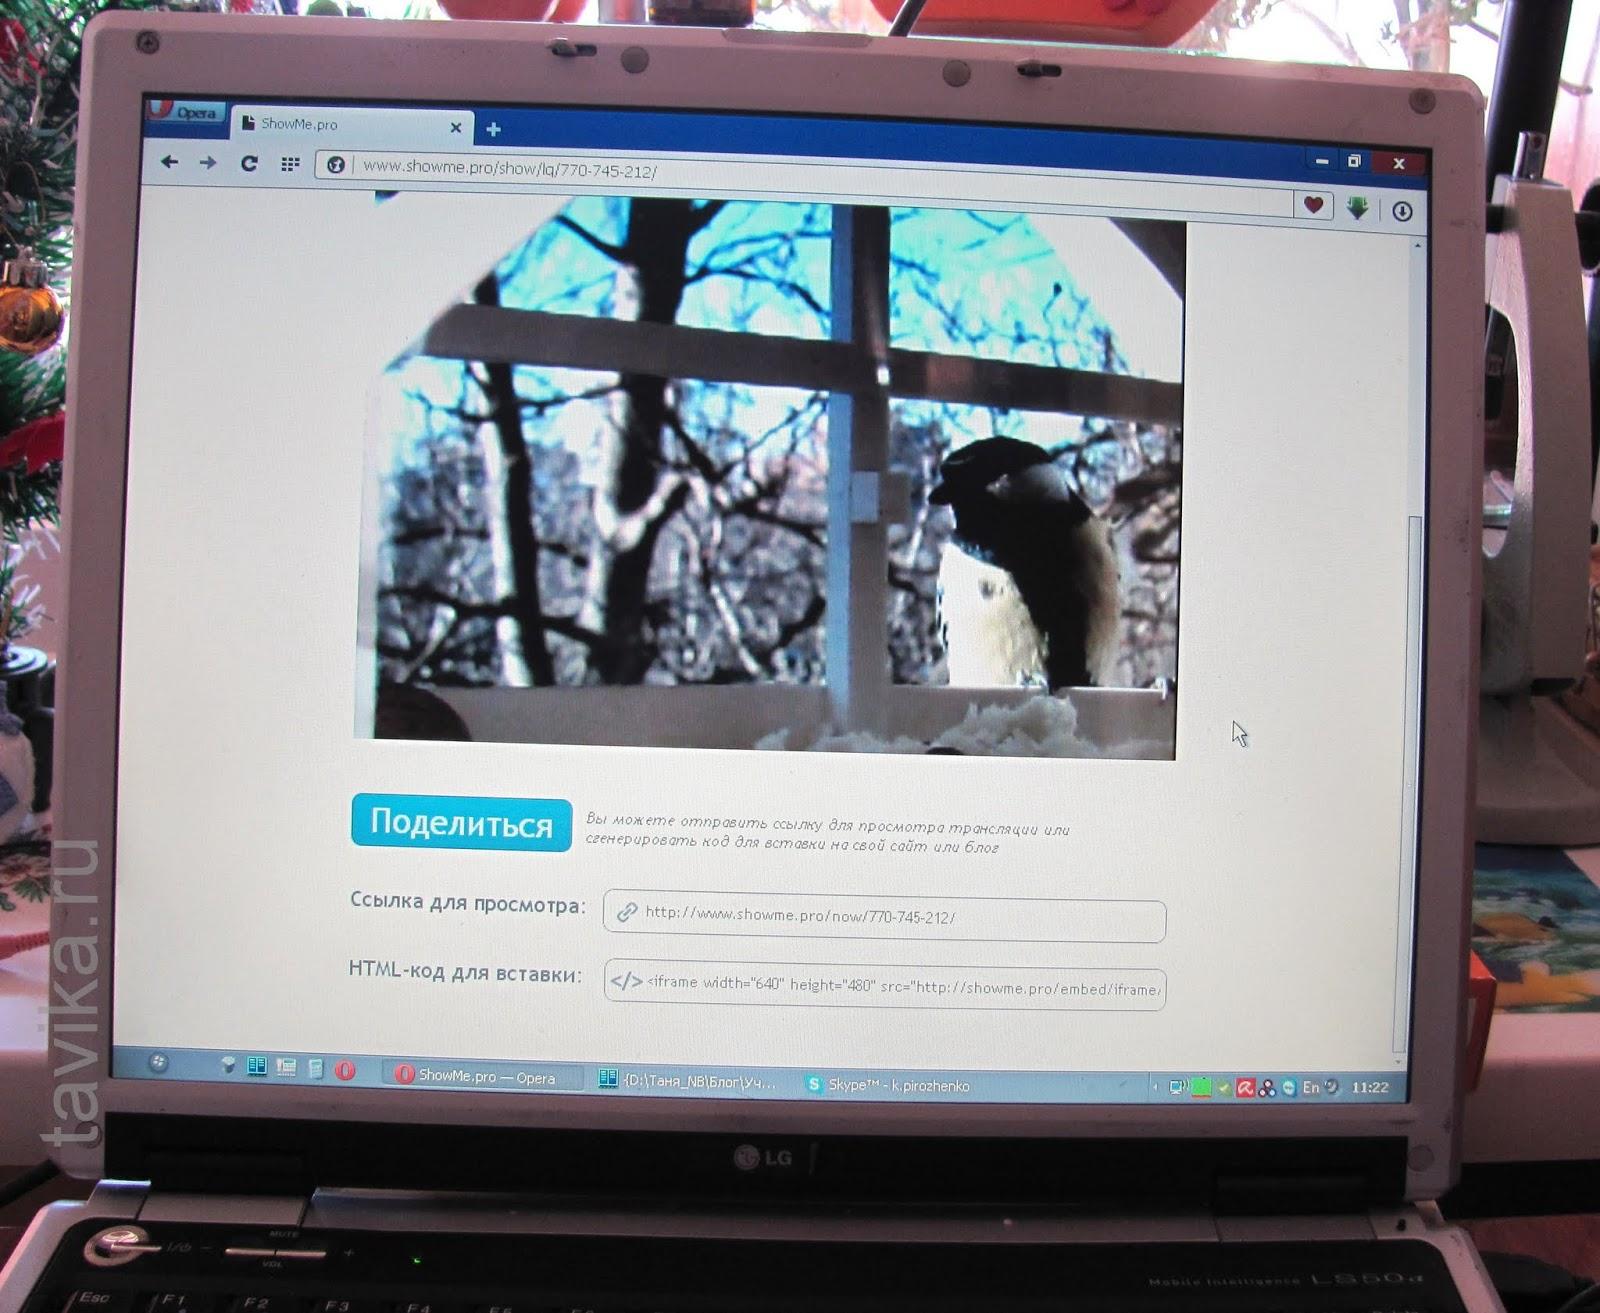 наблюдение за птицами на кормушке с помощью вебкамеры